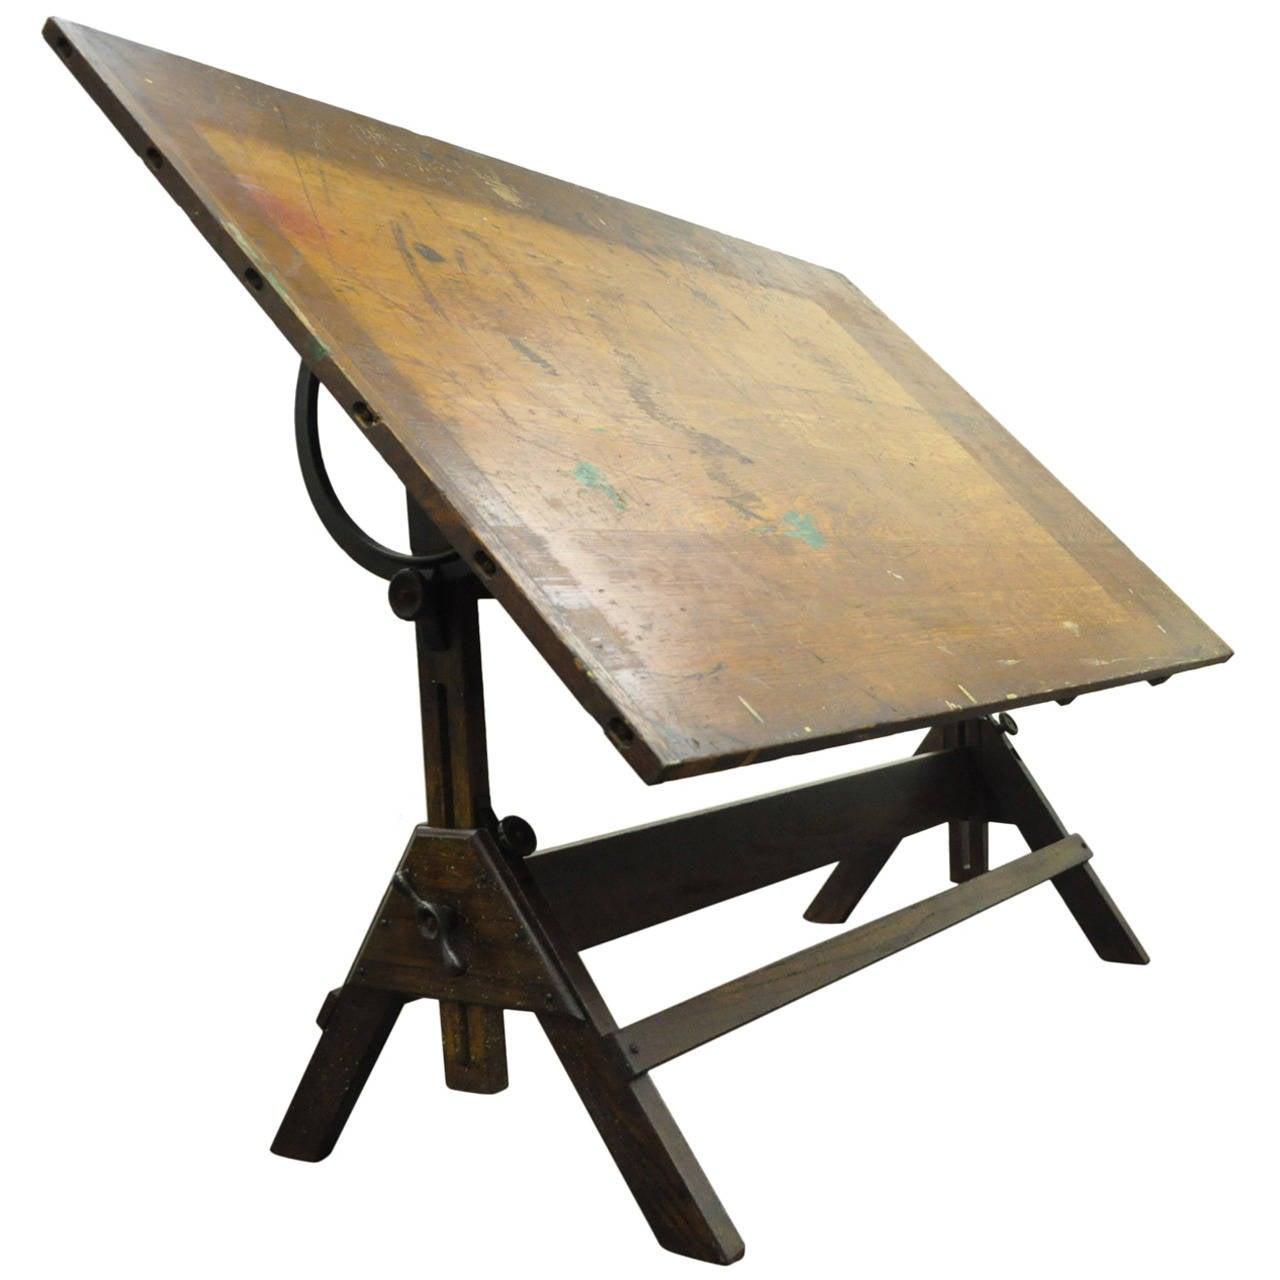 Favorite Vintage Drafting Table Hardware Kit Vintage Drafting Table Hardware Kit Rockler Drafting Table Hardware Drafting Table Tilt Hardware houzz-03 Drafting Table Hardware